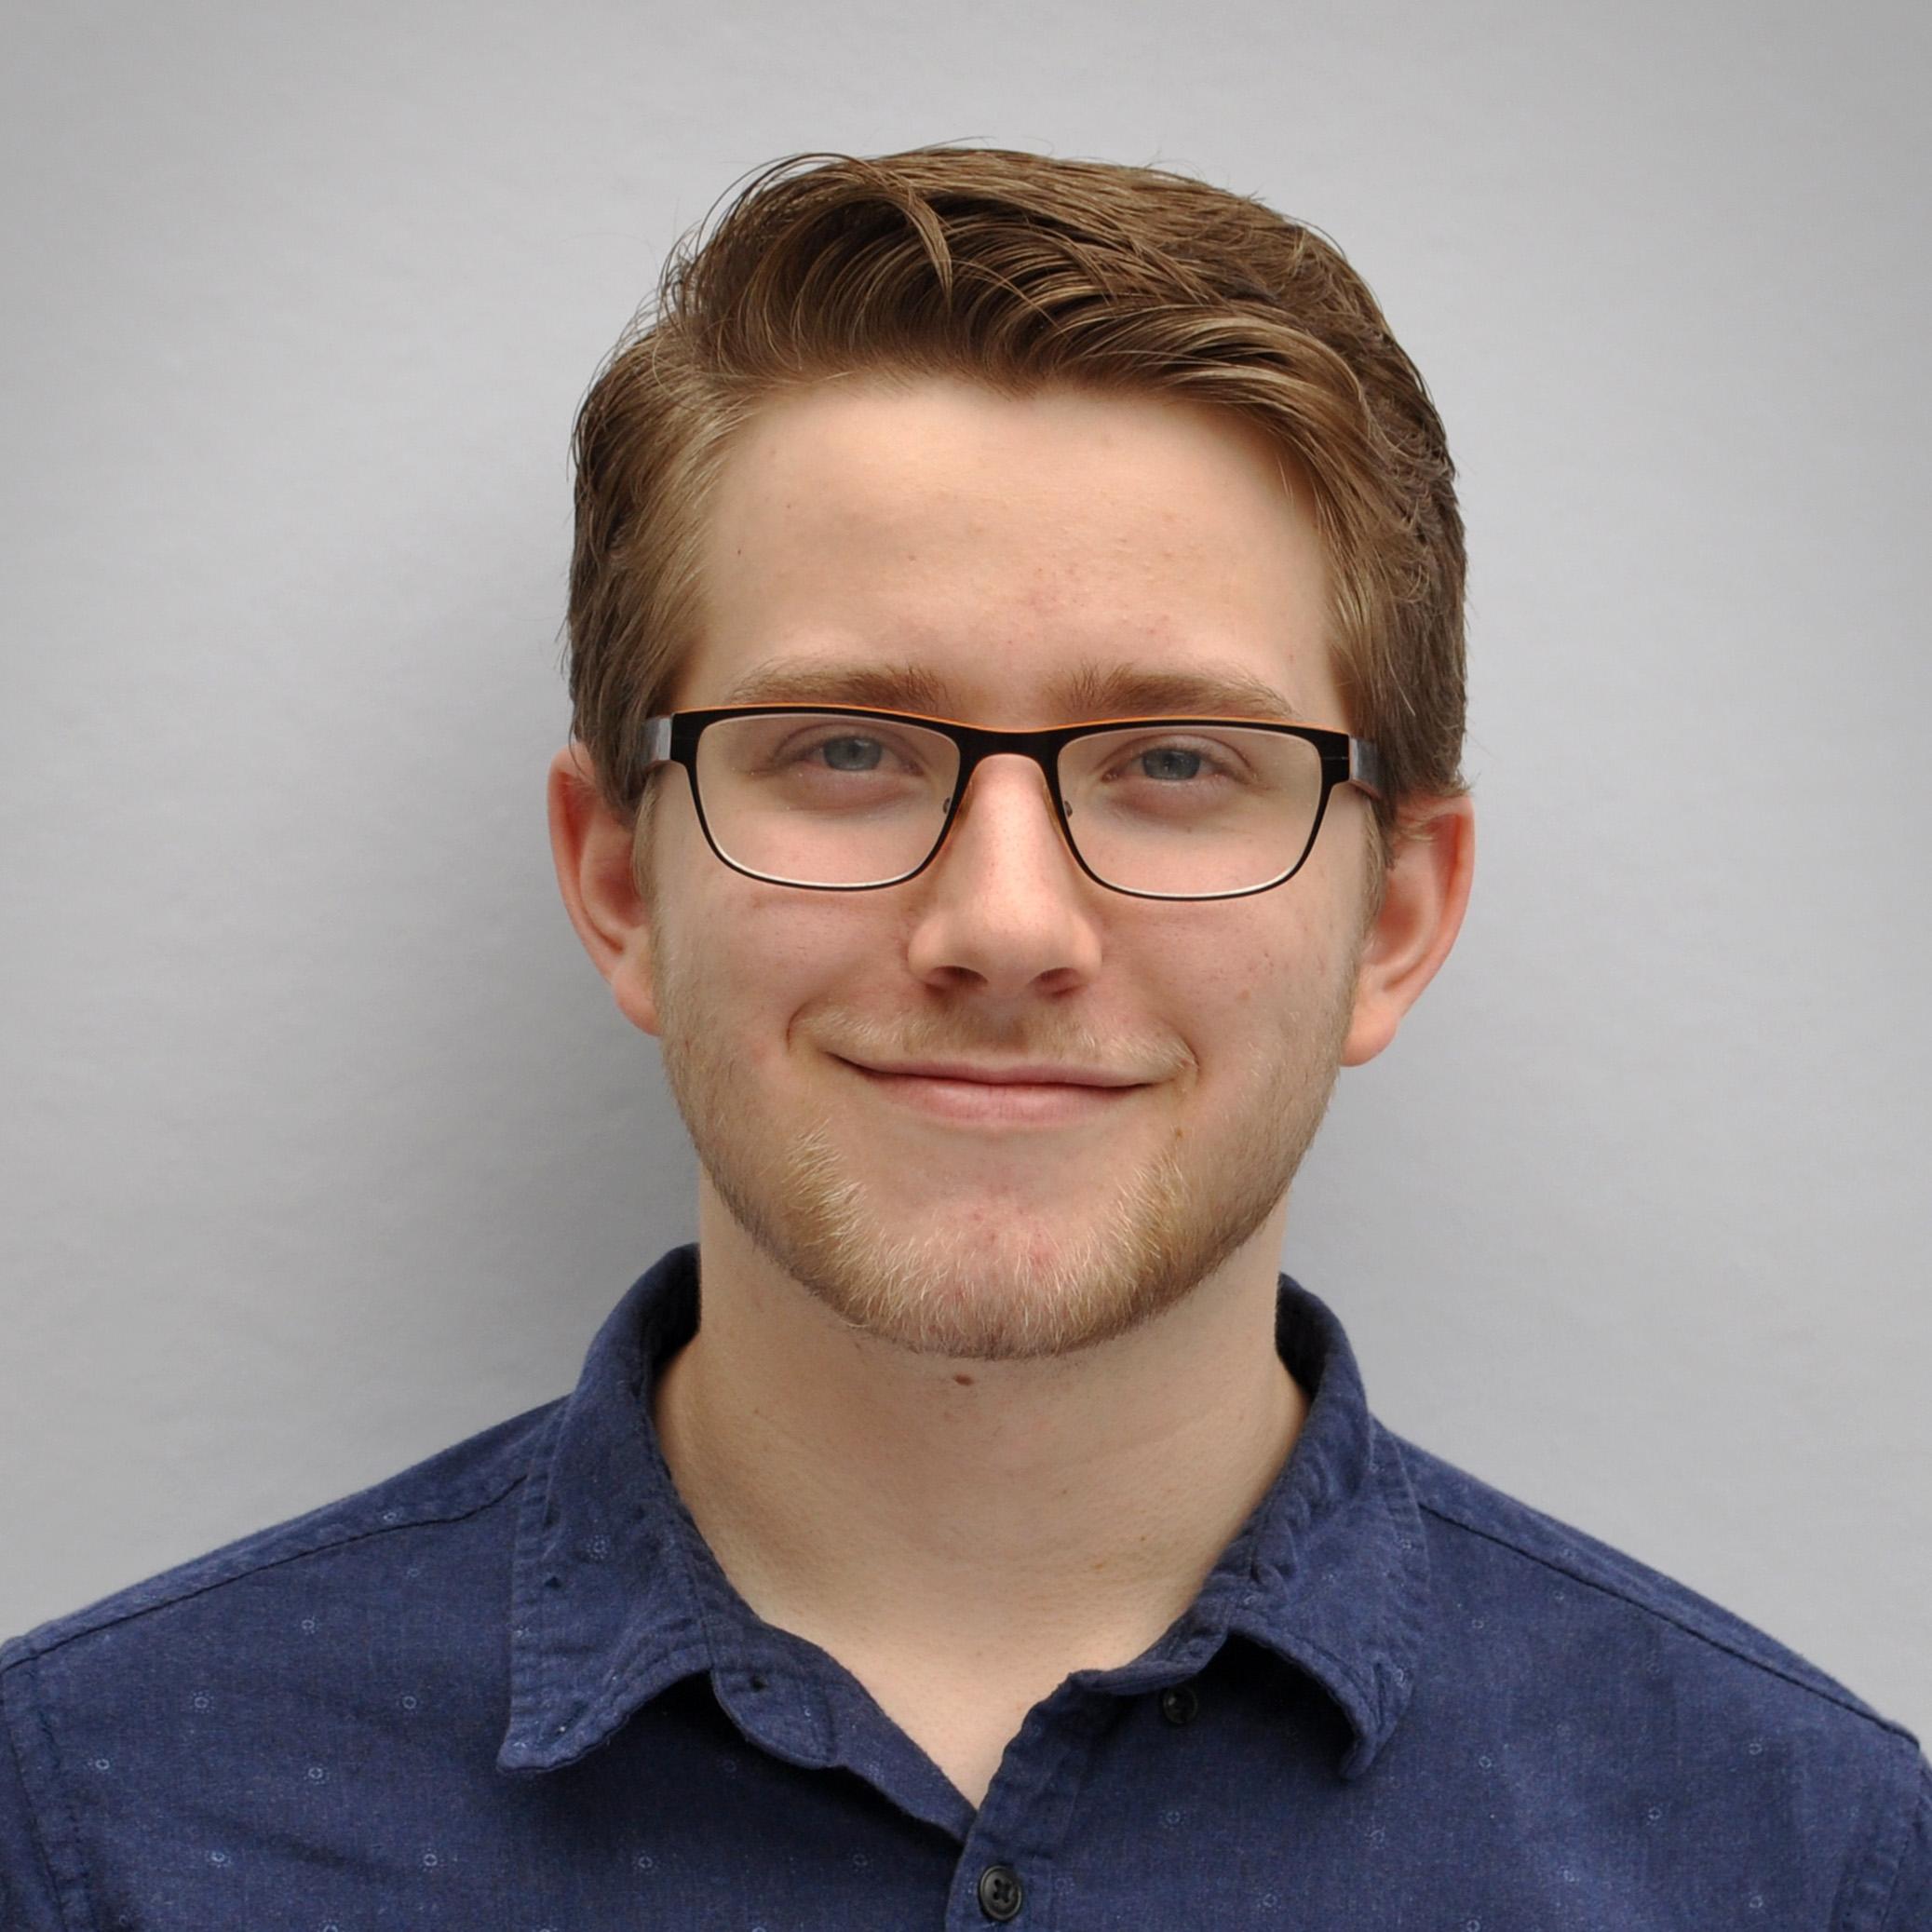 Josh Miller - Industrial Design Intern